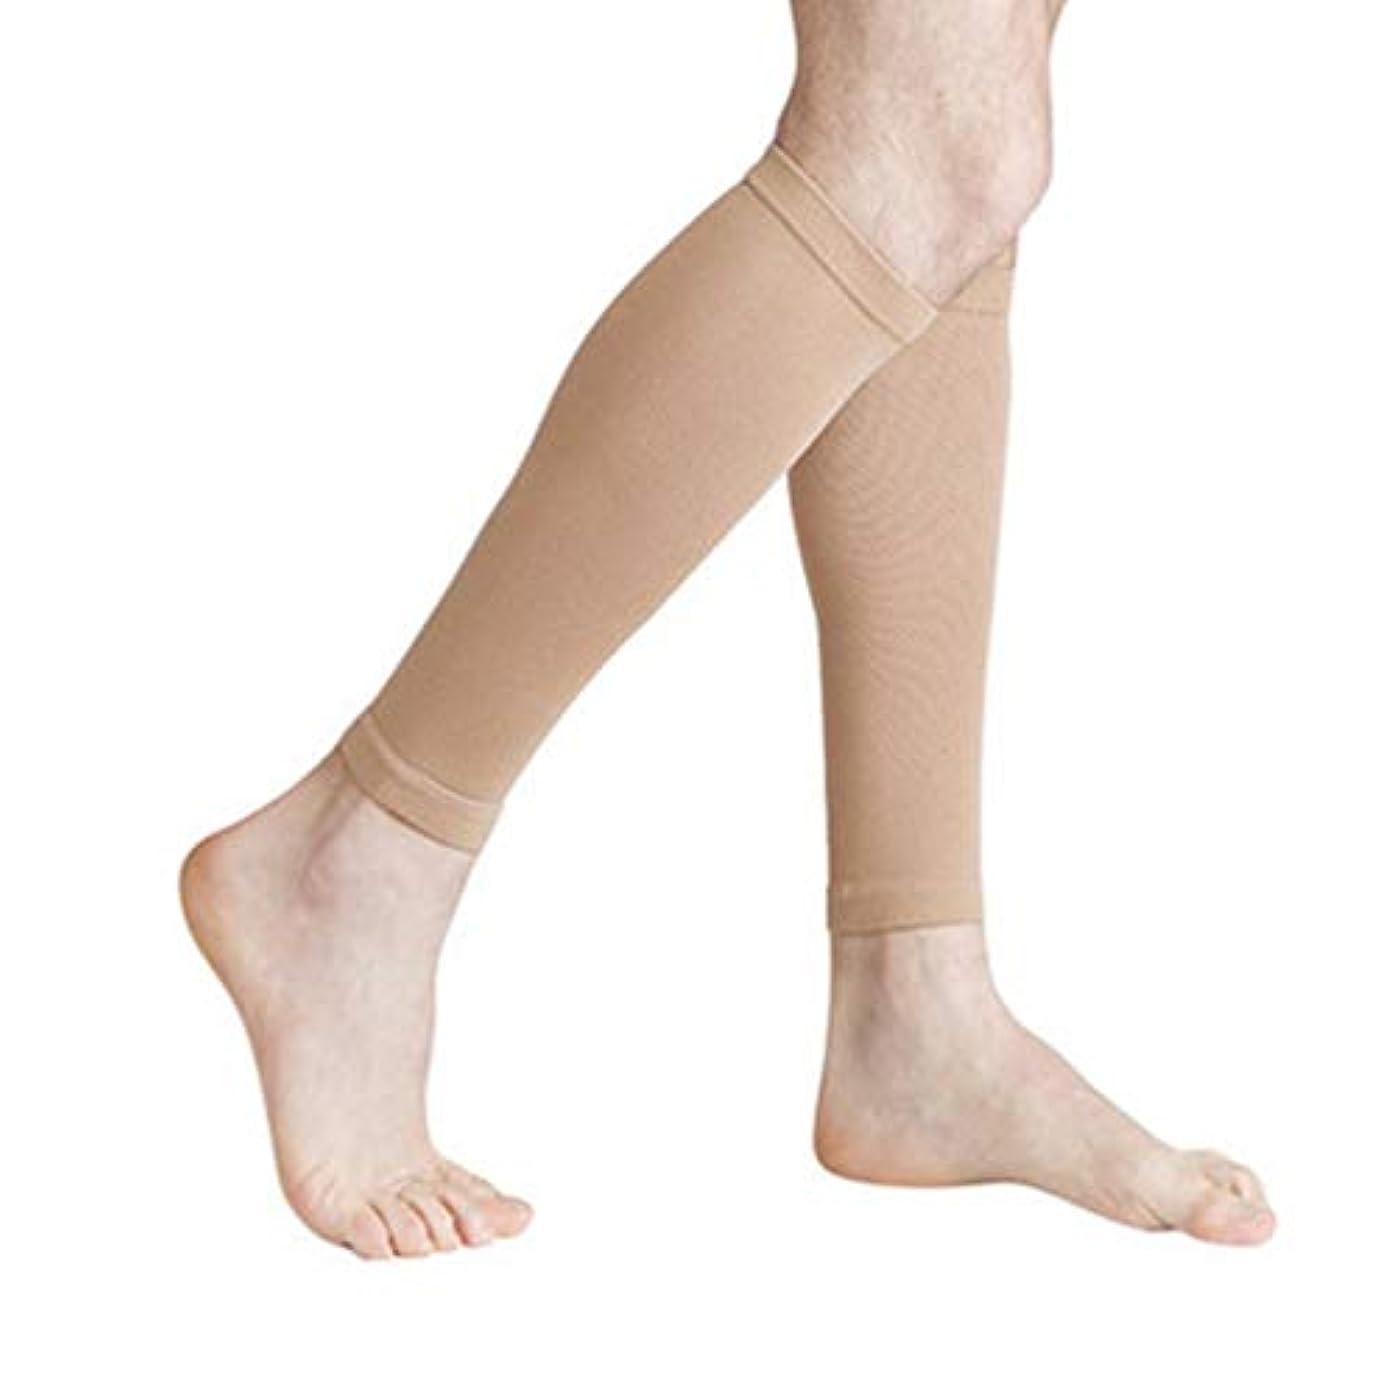 変換エピソード富豪丈夫な男性女性プロの圧縮靴下通気性のある旅行活動看護師用シントスプリントフライトトラベル - 肌色